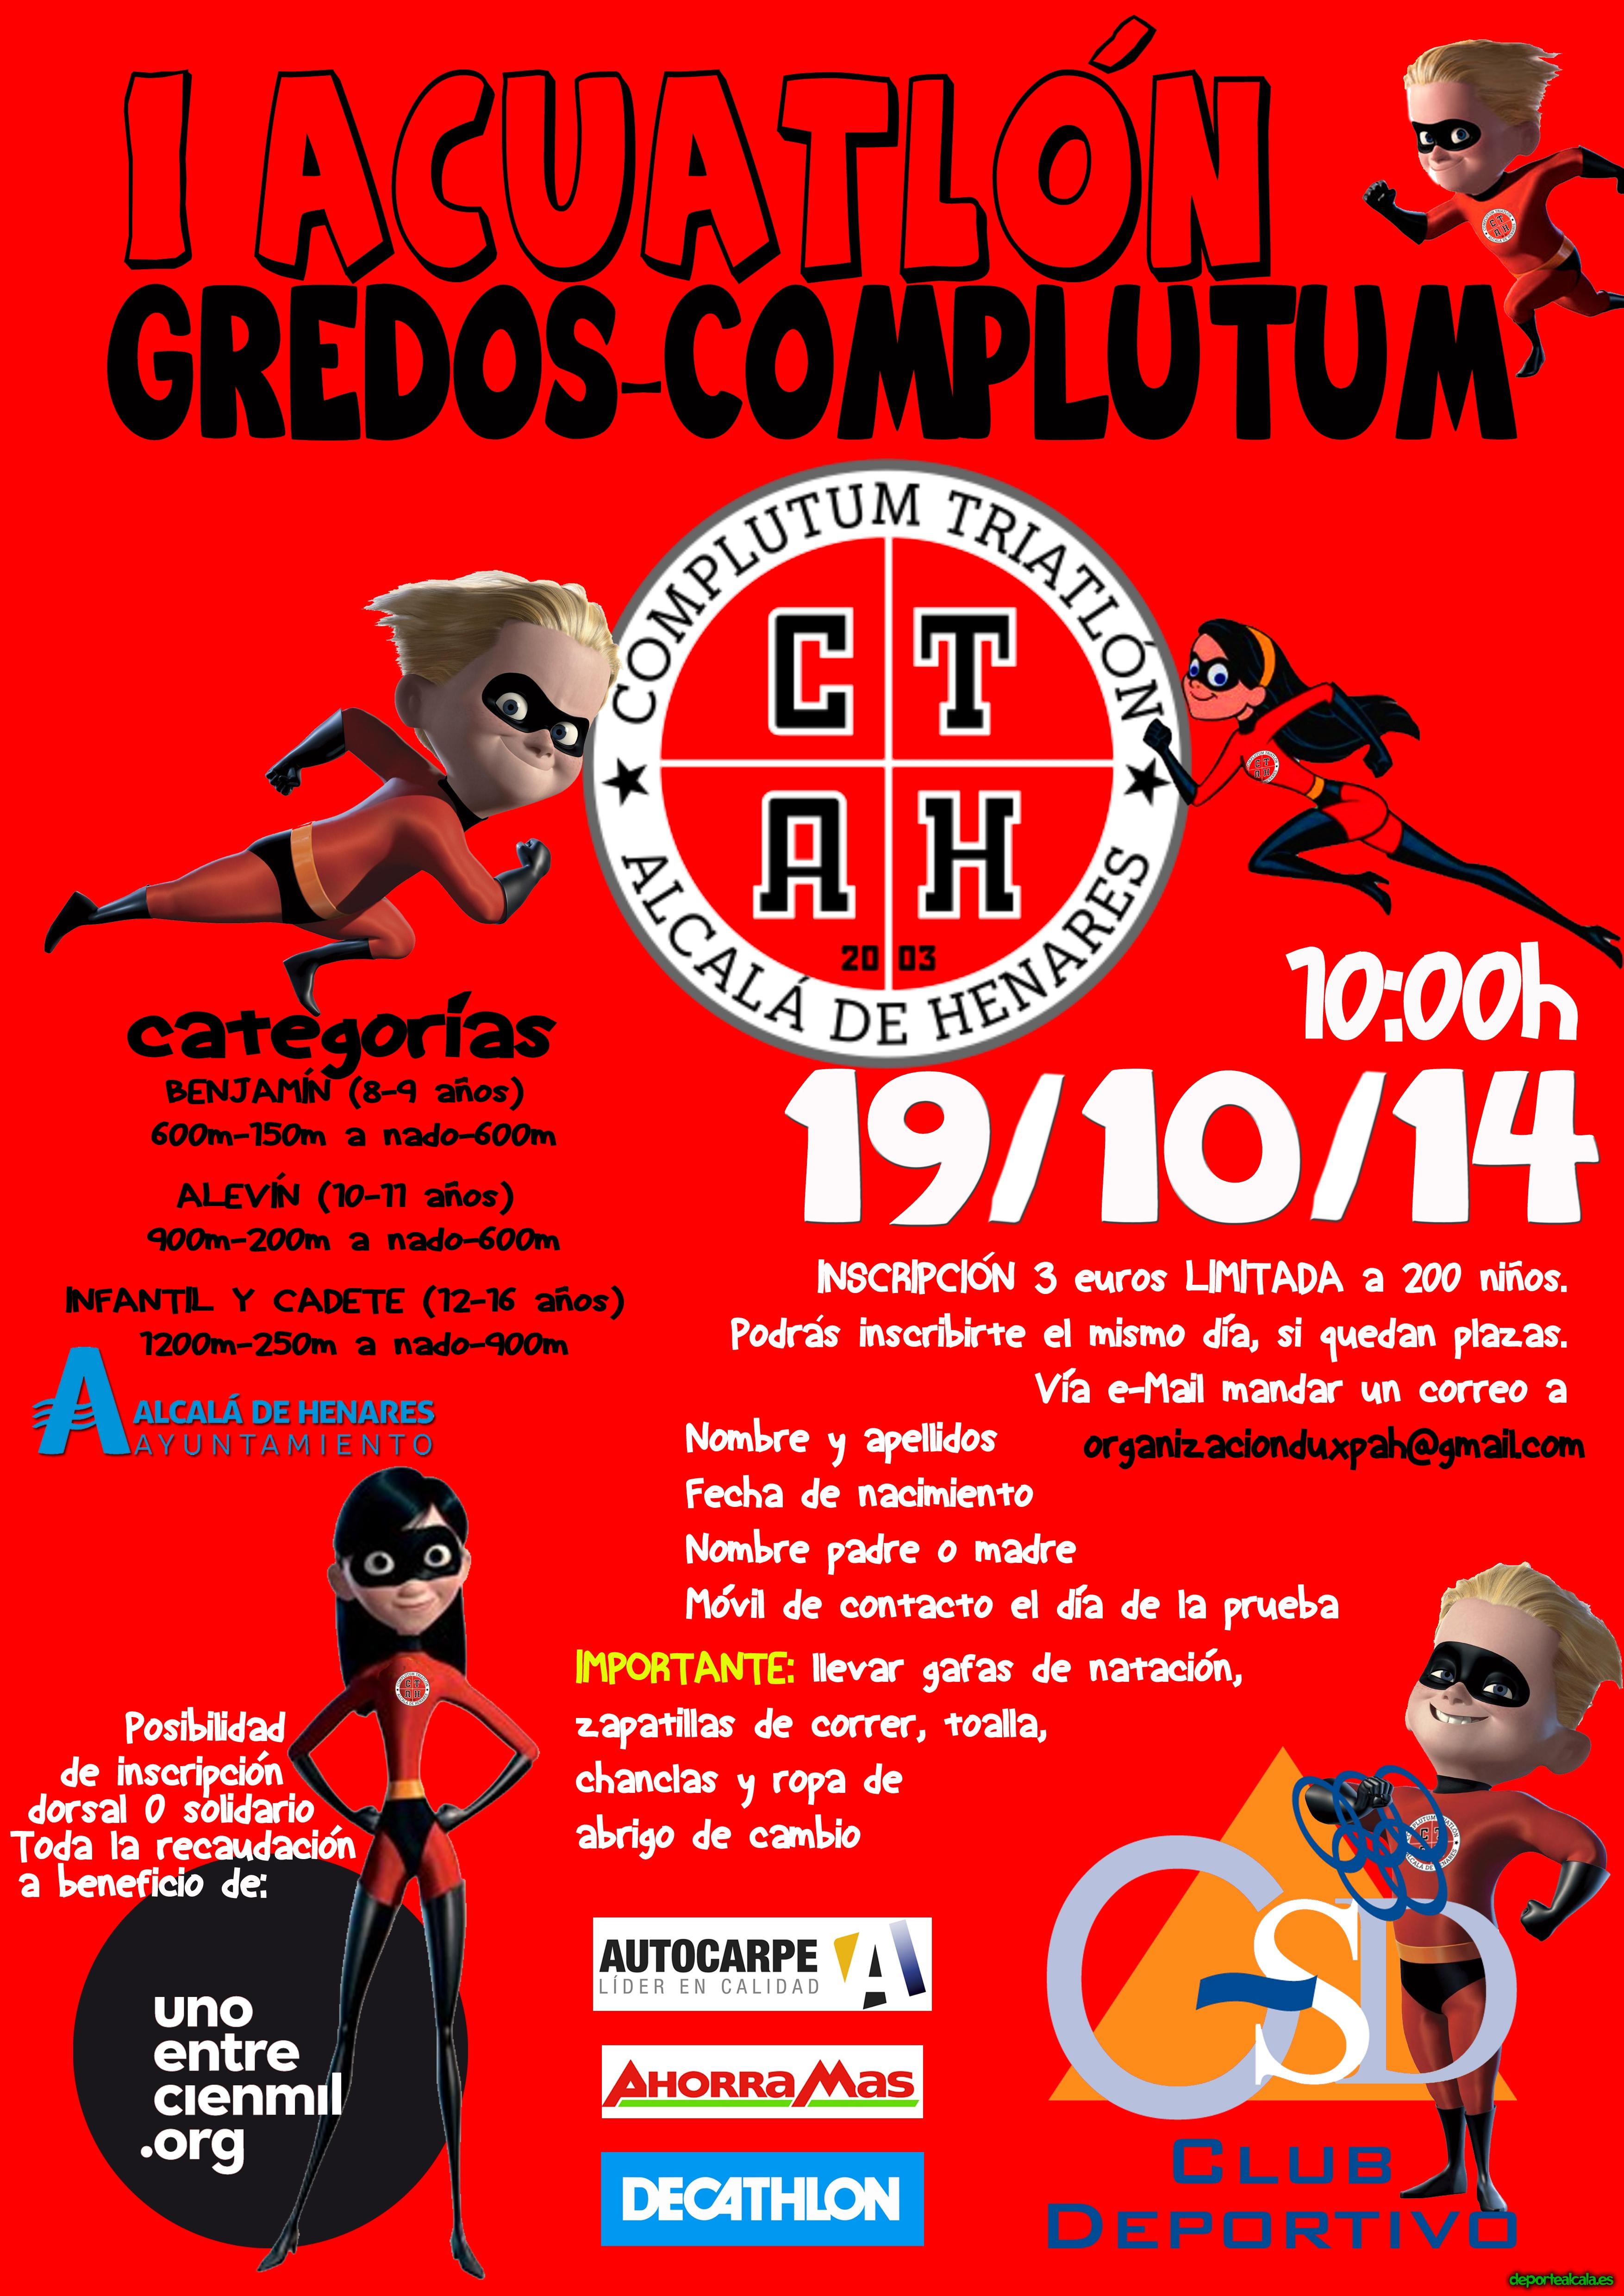 Este domingo se celebra la I edición del Acuatlón  Gredos- Complutum